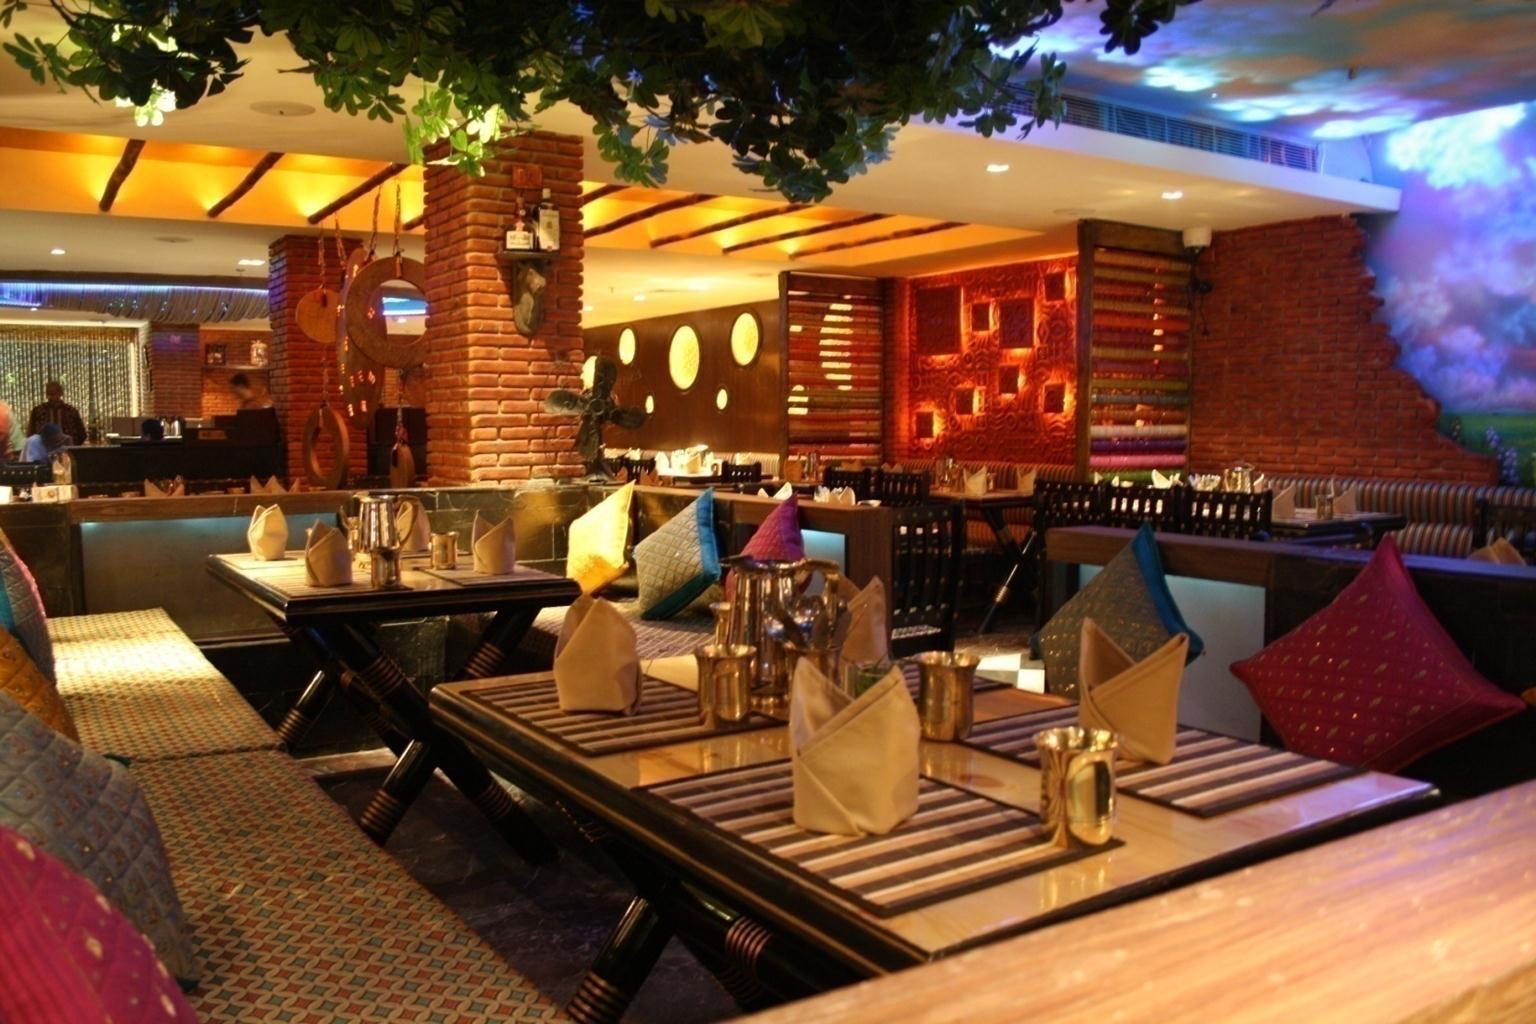 Restaurant Pind Baluchi agra